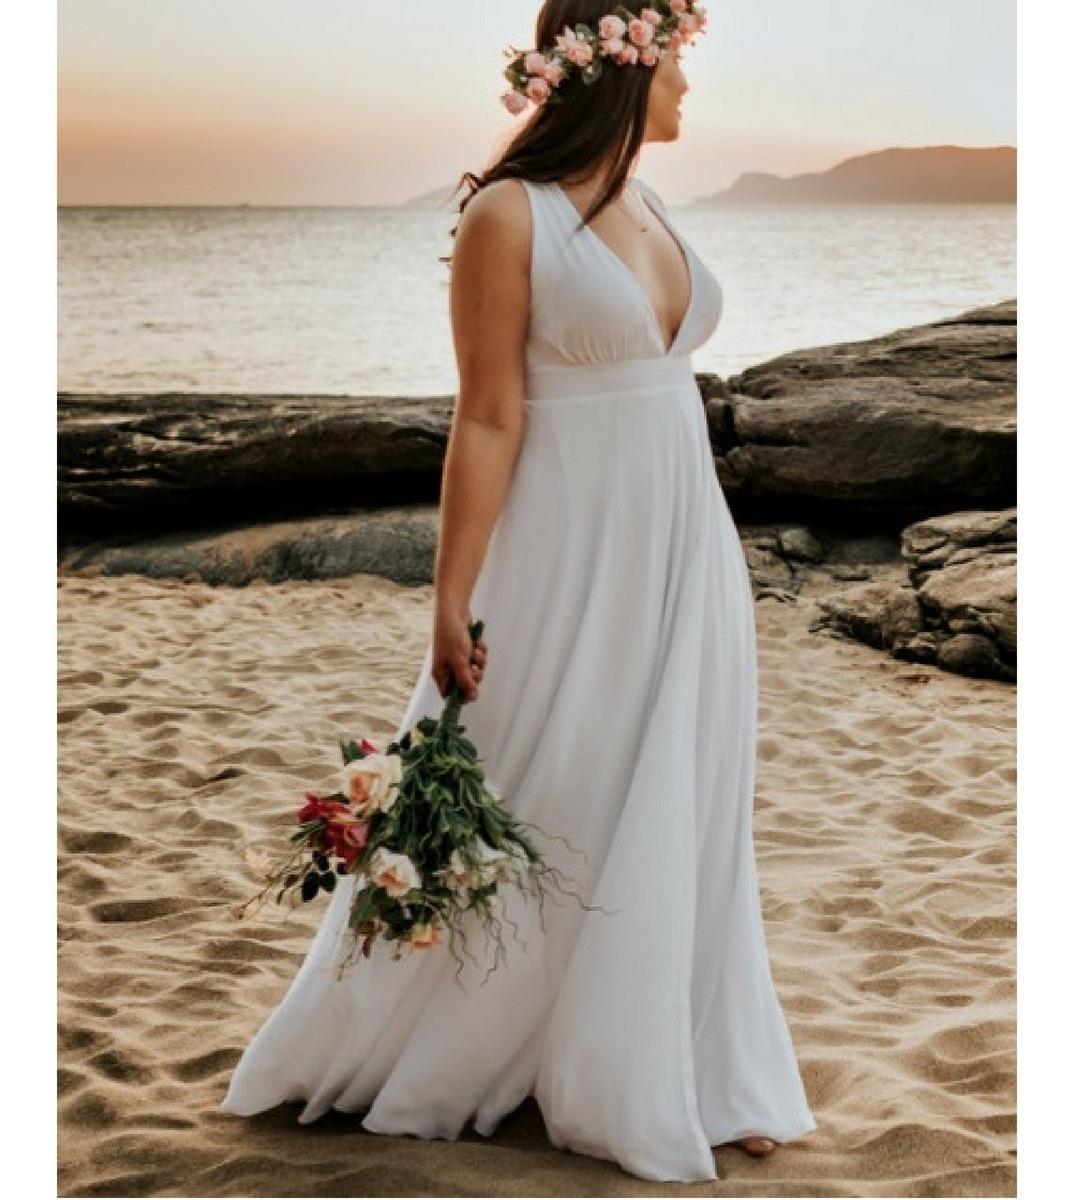 Vestido Longo Noiva Pre Wedding Pre Casamento Cforro